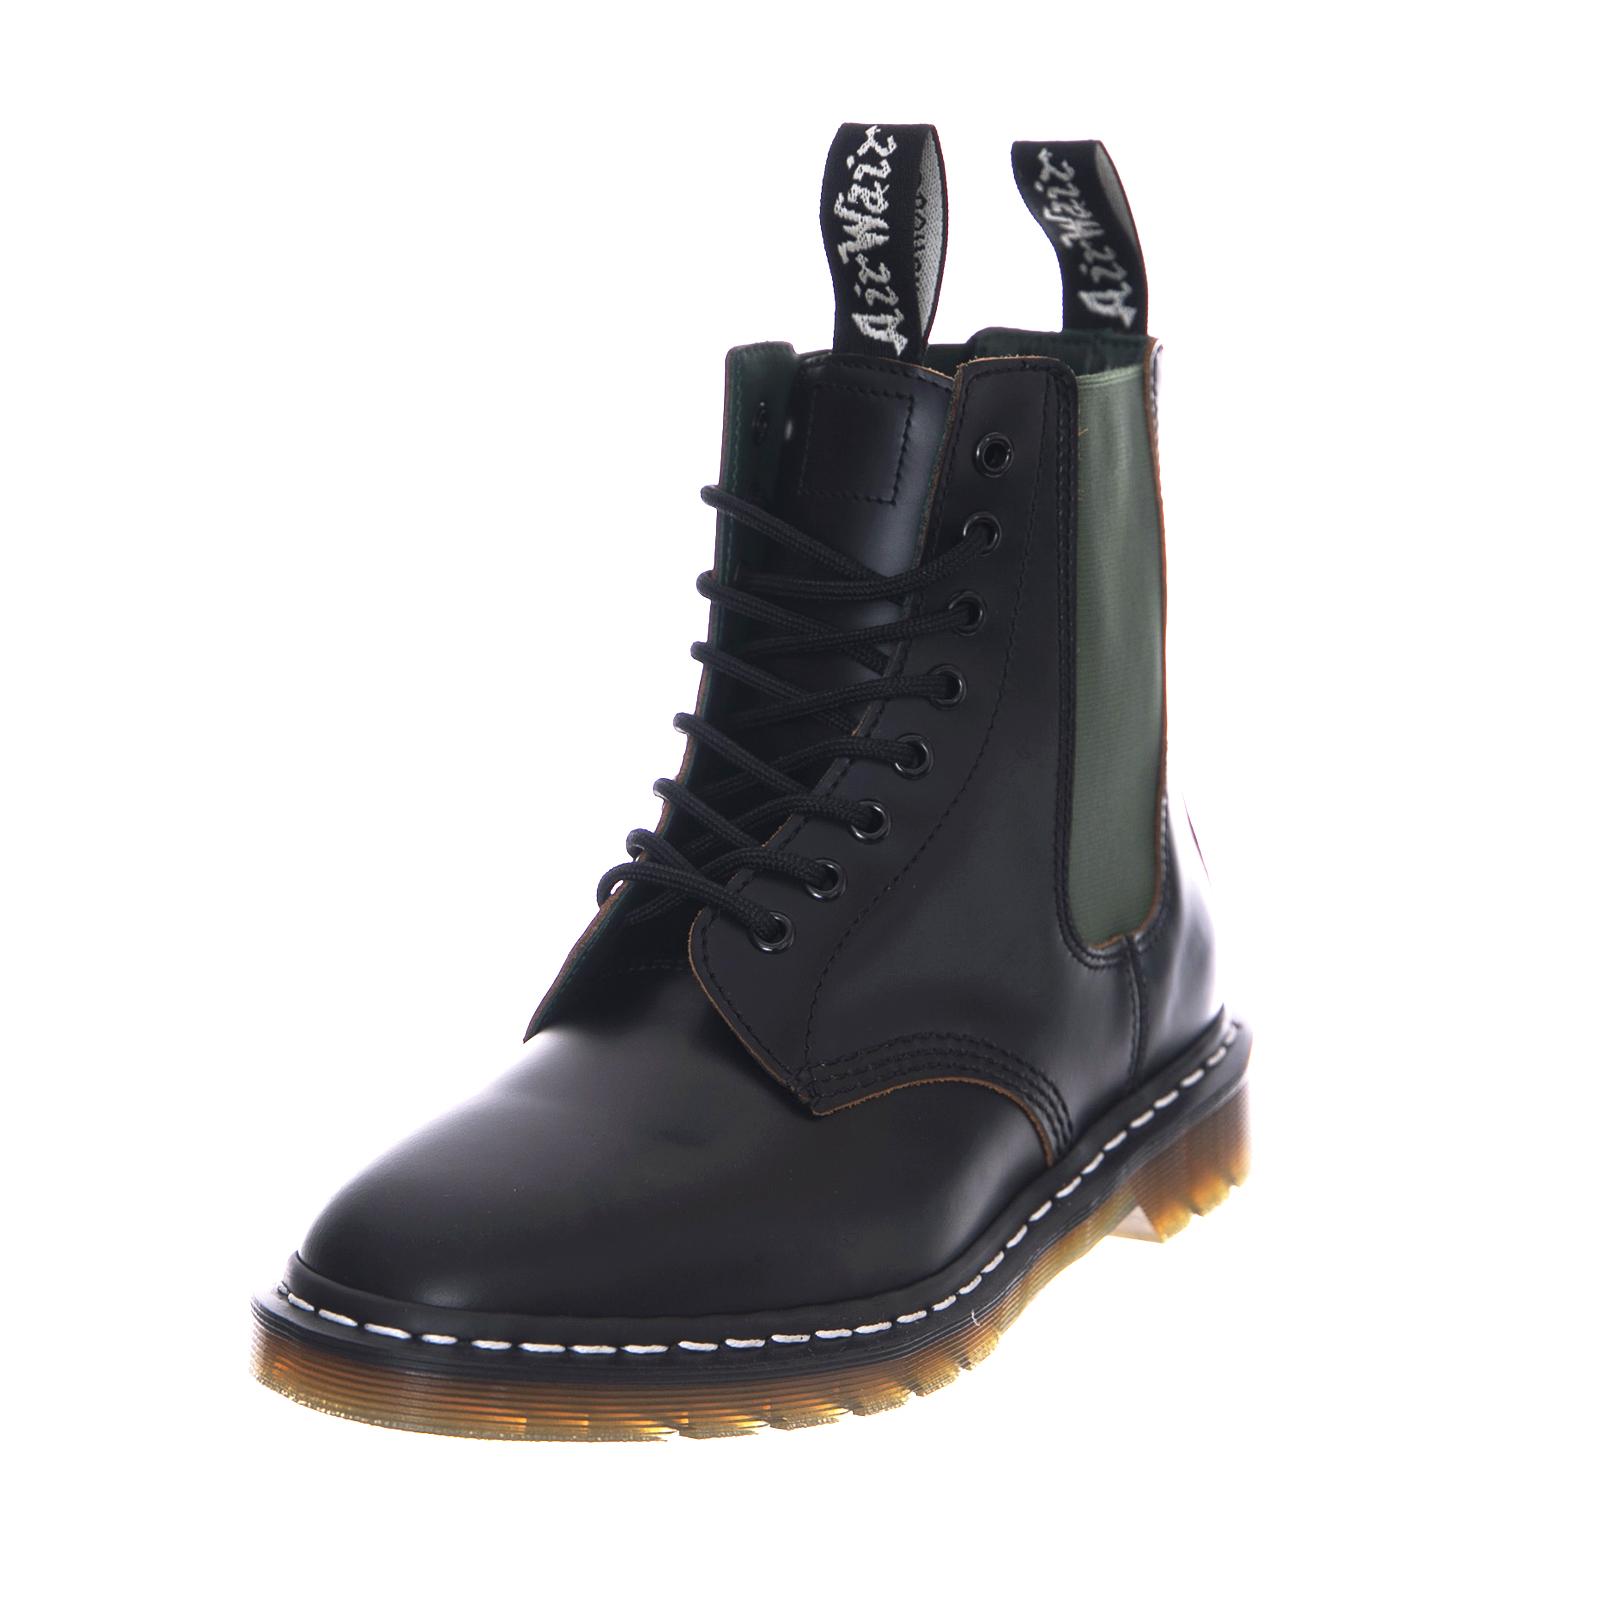 Dr. Martens Boots 1460 Neighborhood Black Vintage Smooth Black | eBay